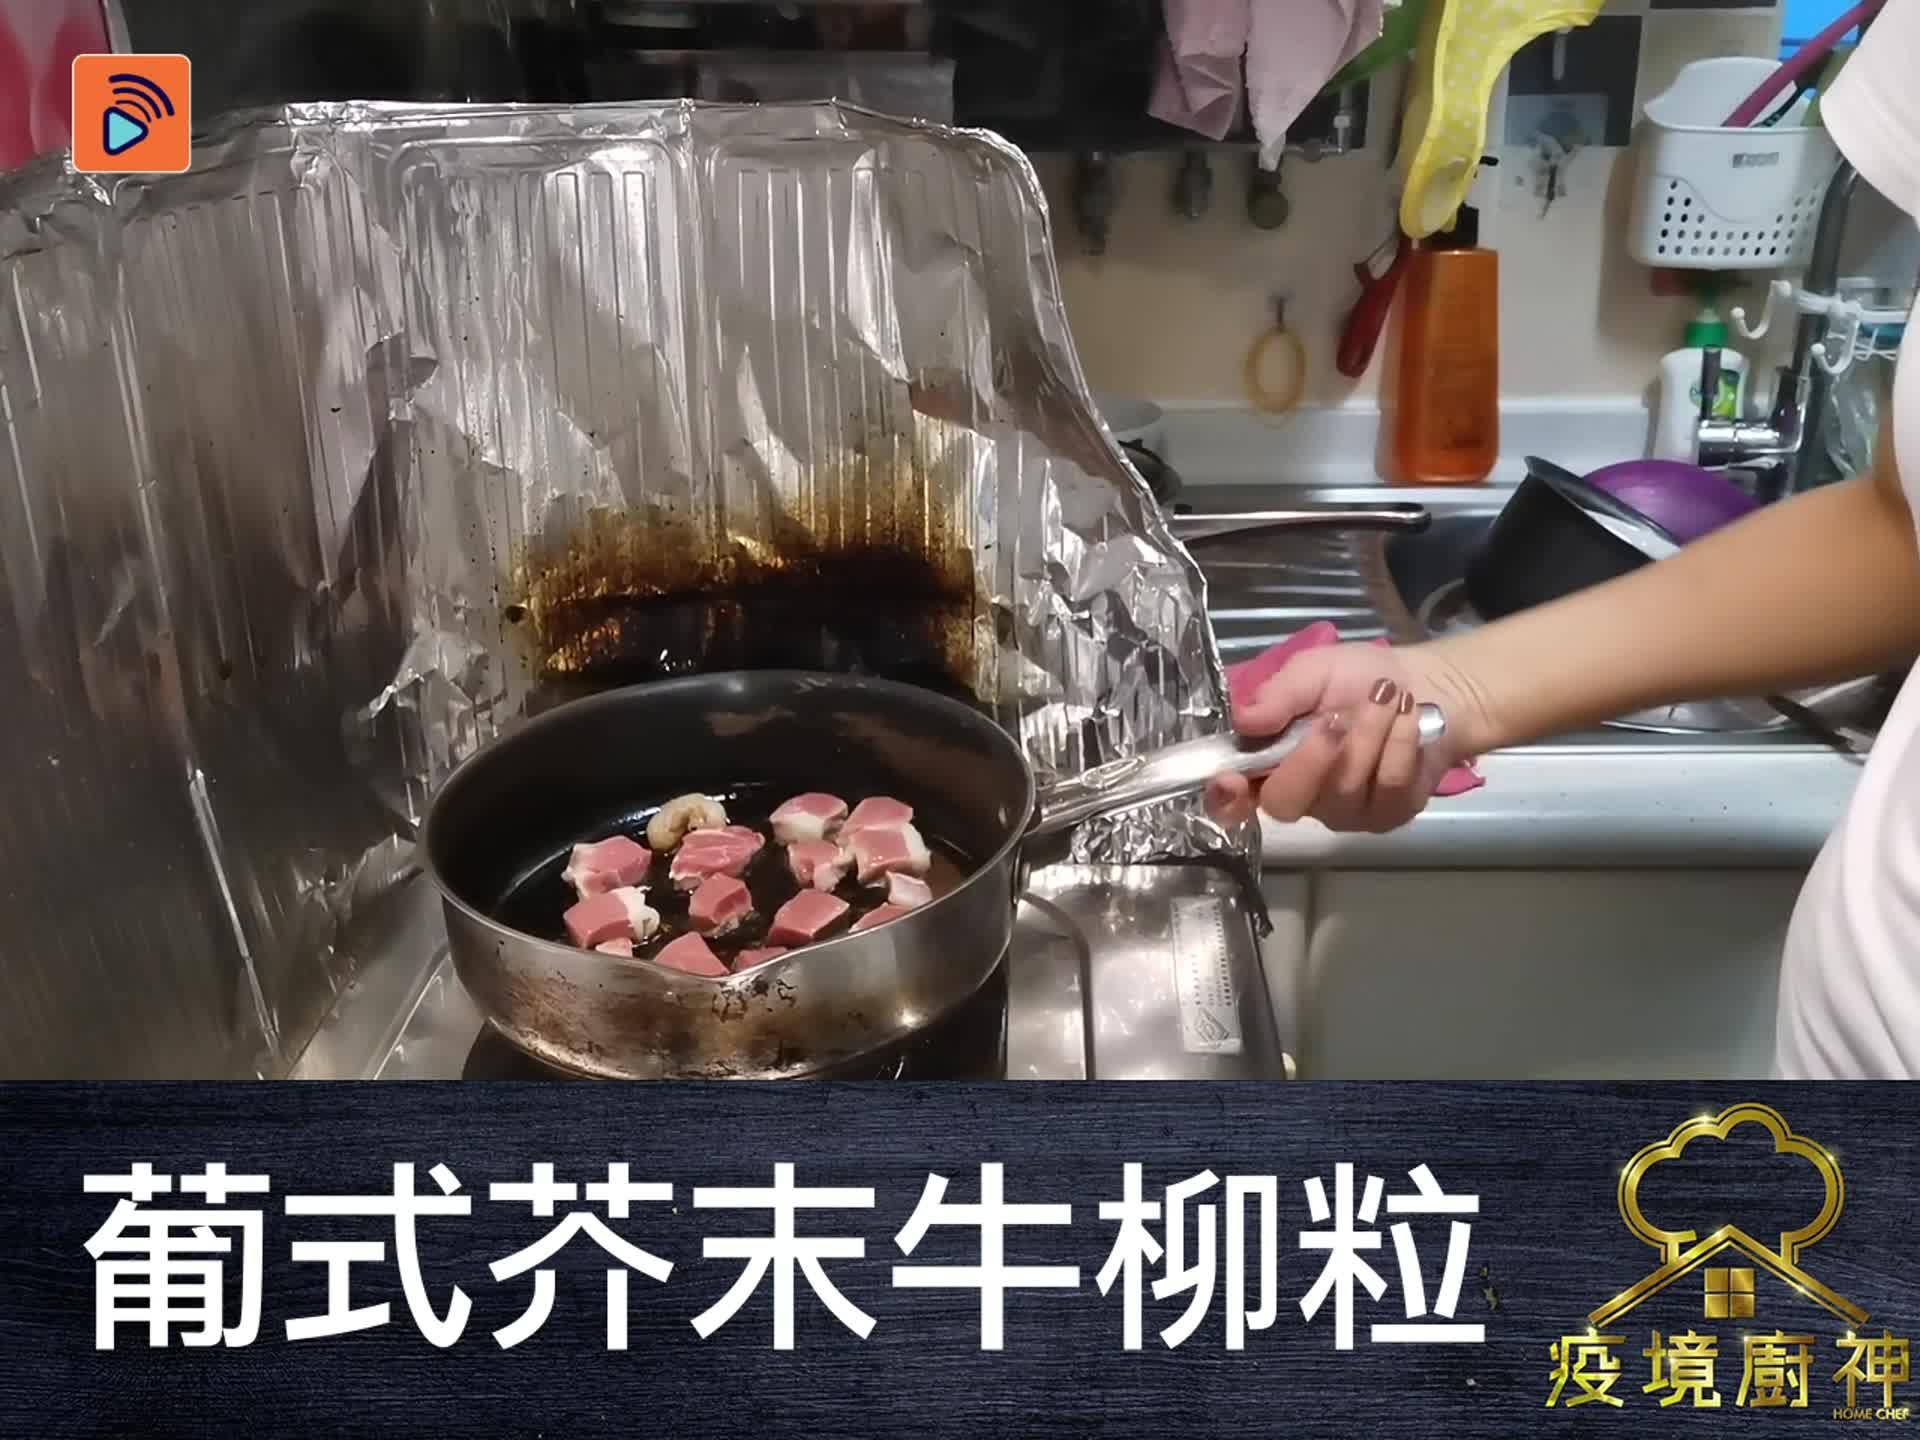 【葡式芥末牛柳粒】牛魔王殺到!最能夠稱霸廚房嘅一道餸?!